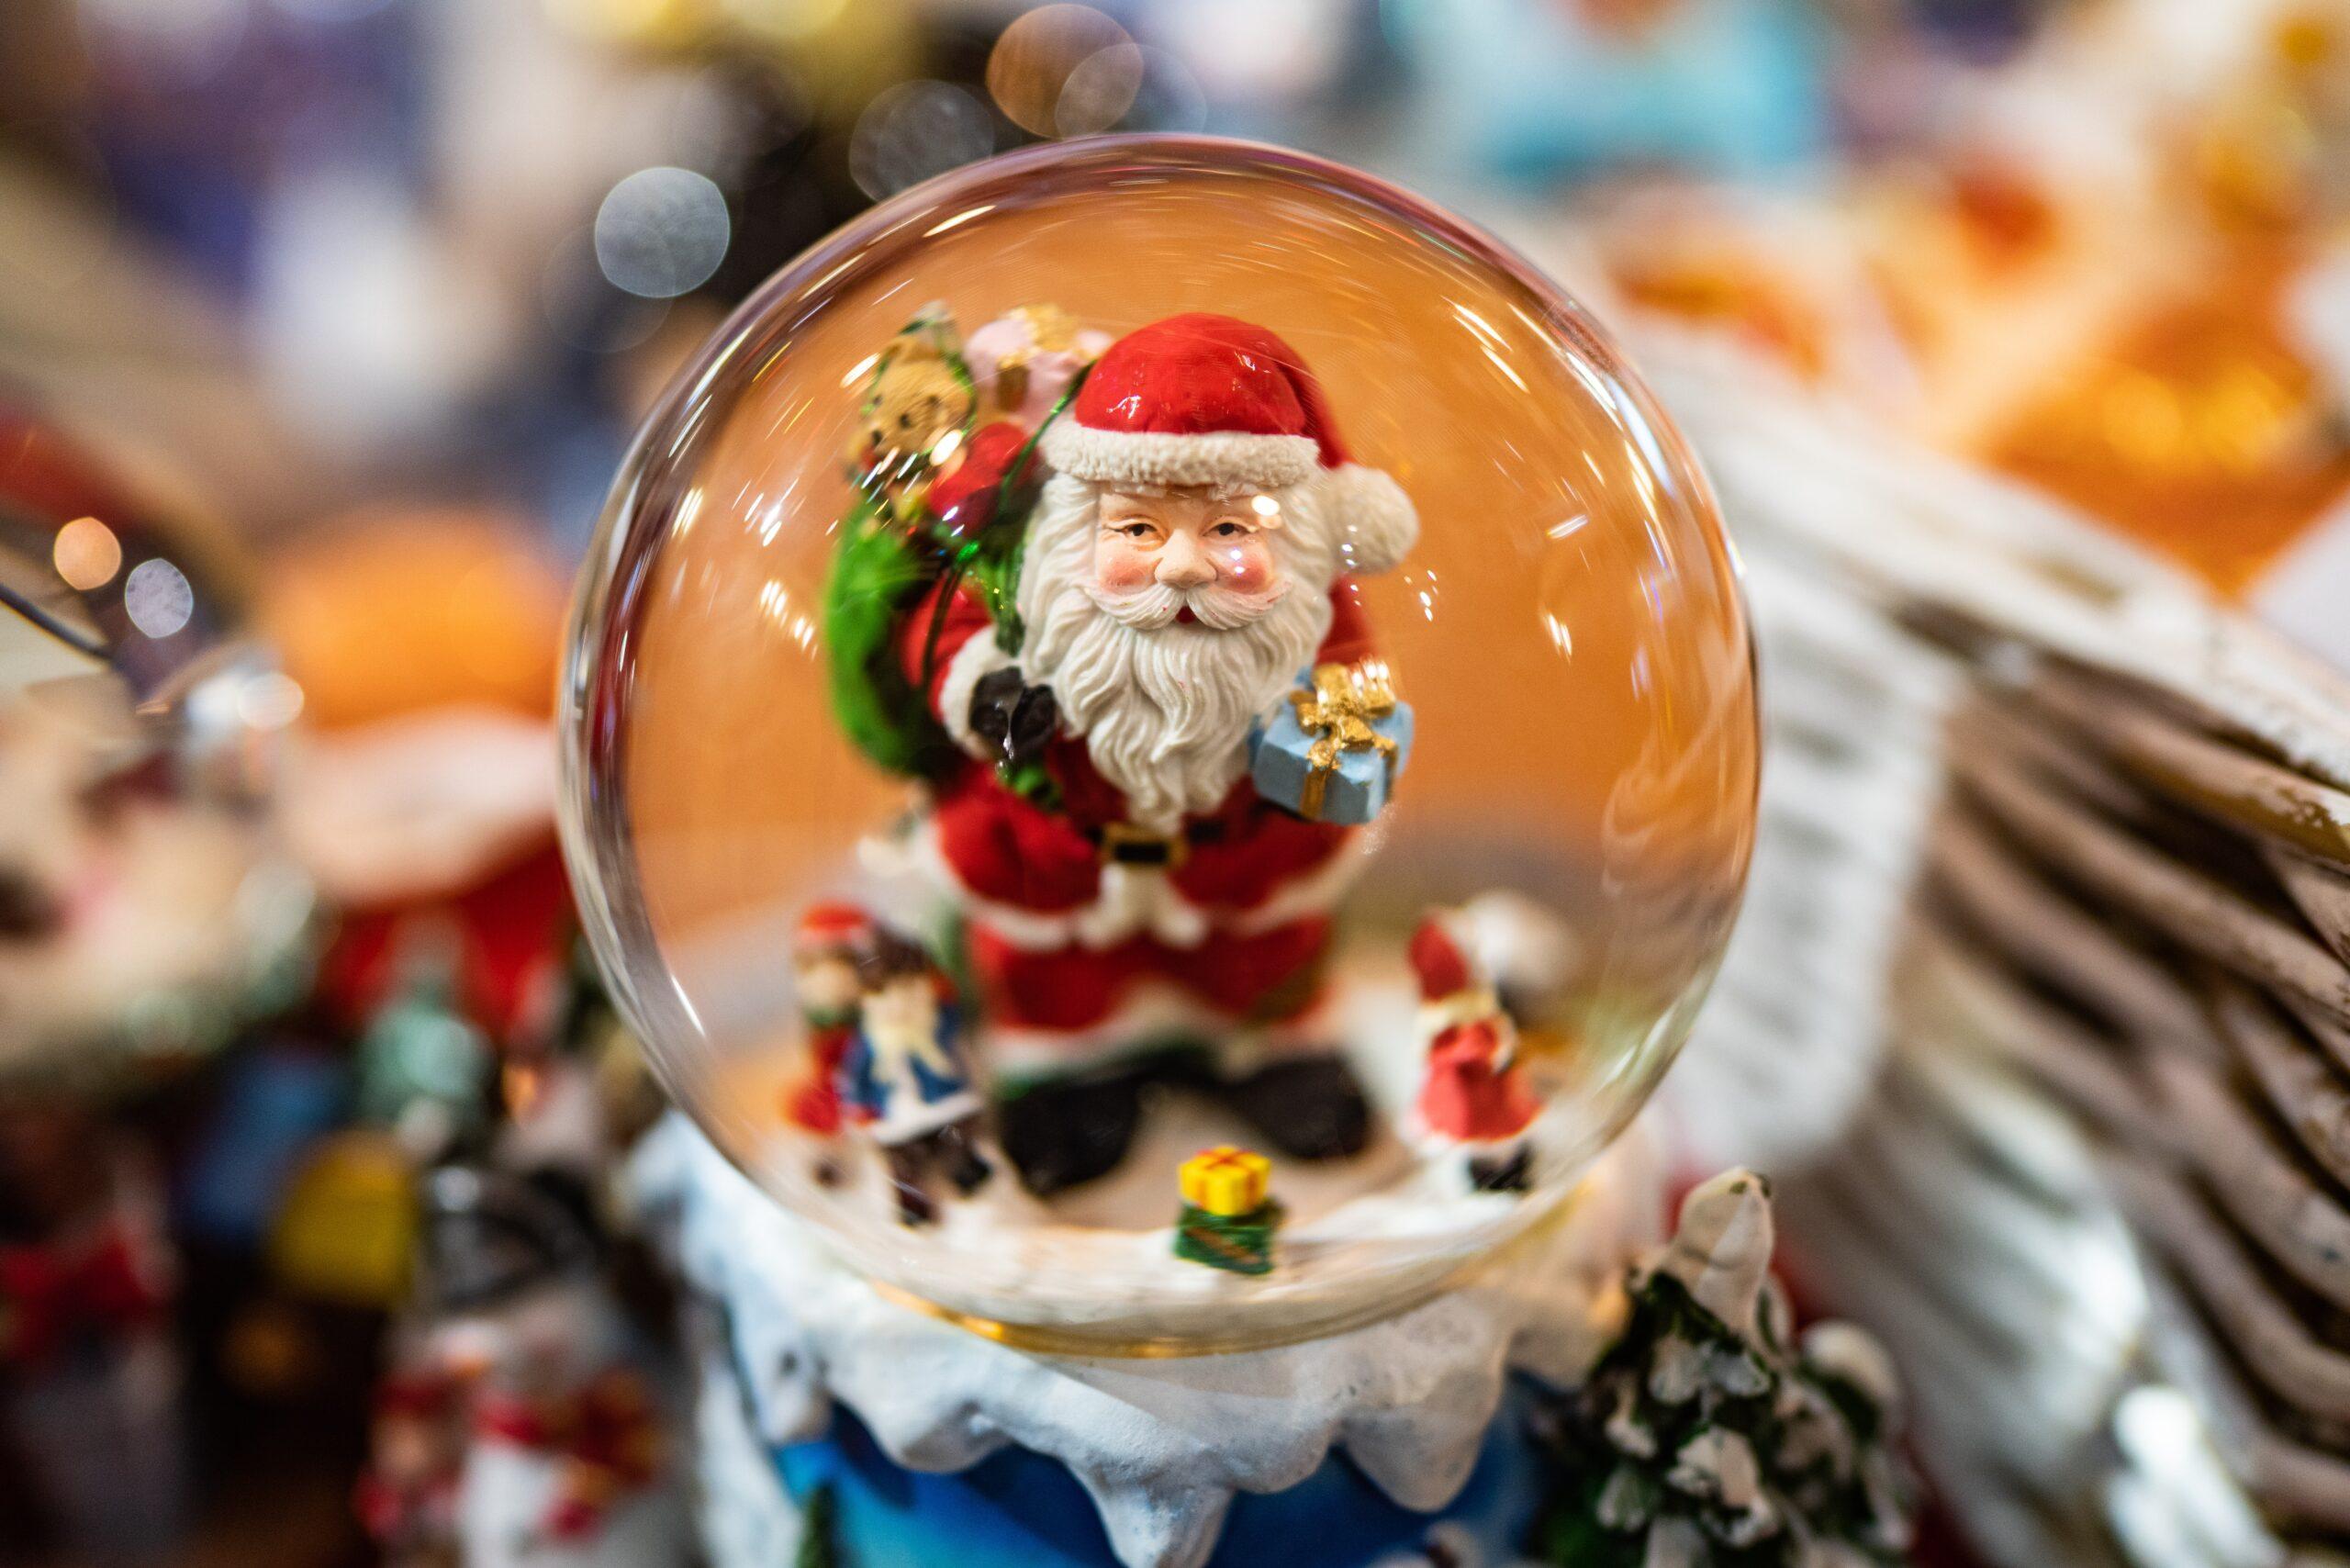 Wer war St. Nikolaus?